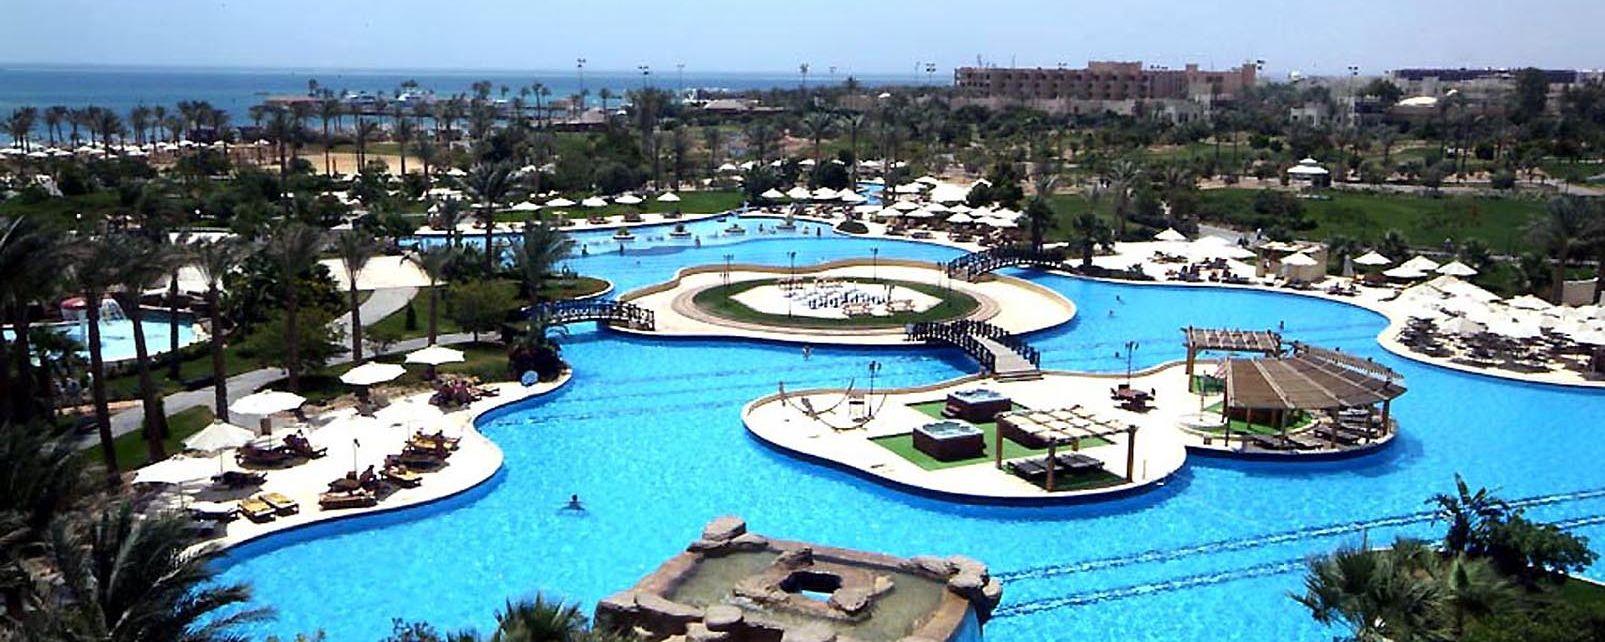 Steigenberger Al Dau Beach Hotel Hurghada Egypt